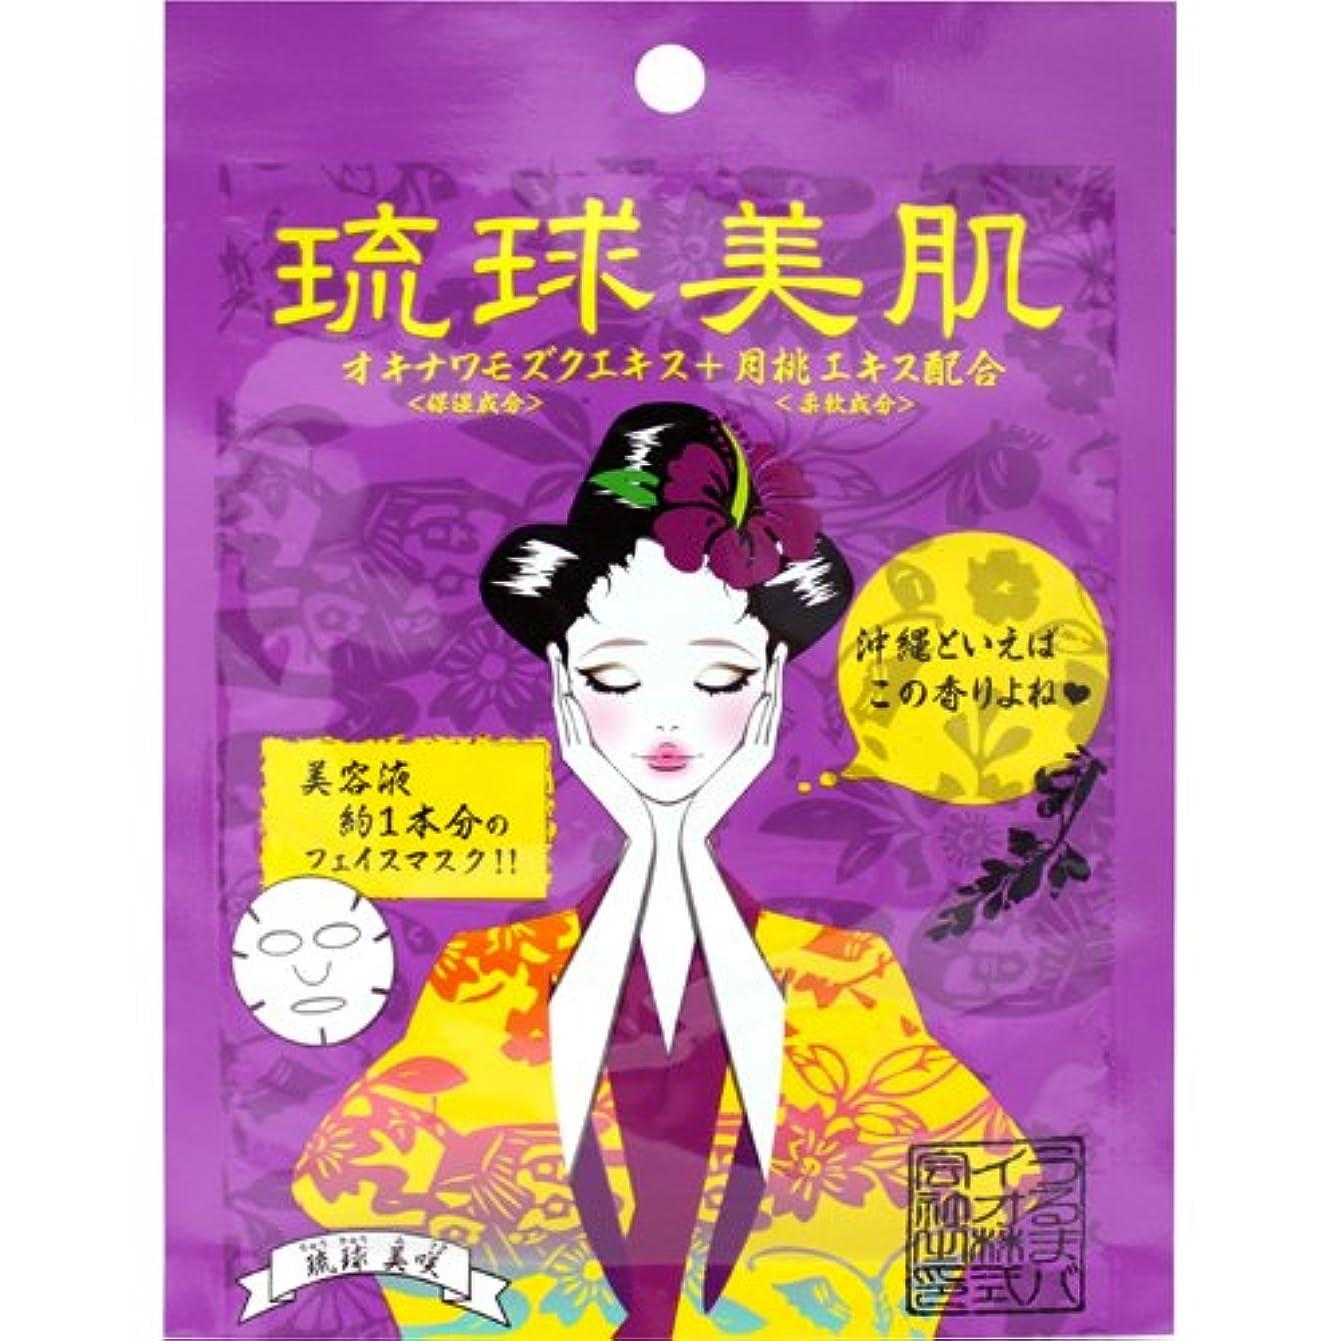 識字菊笑い琉球美肌 フェイスマスクシート 月桃の香り 10枚セット